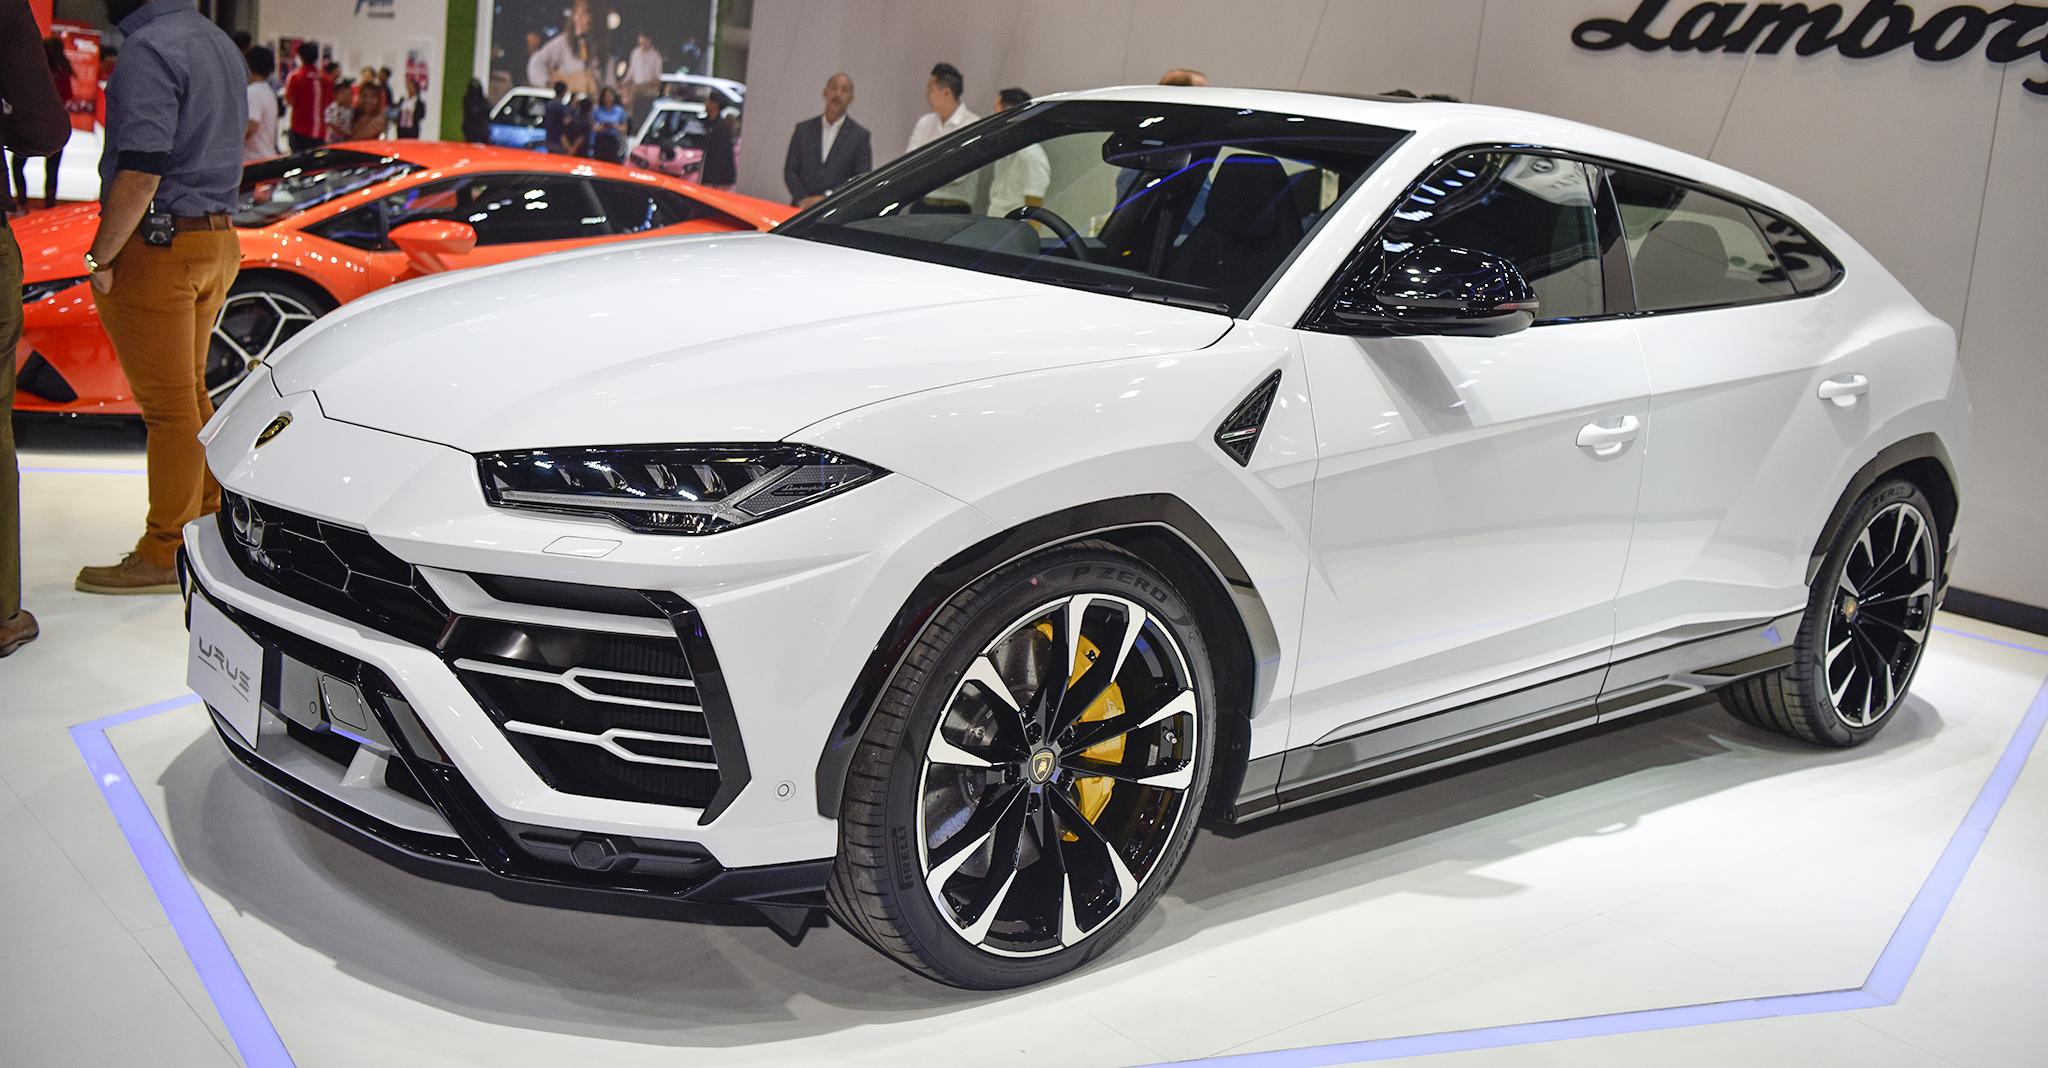 Siêu SUV Lamborghini Urus có gì đặc biệt?